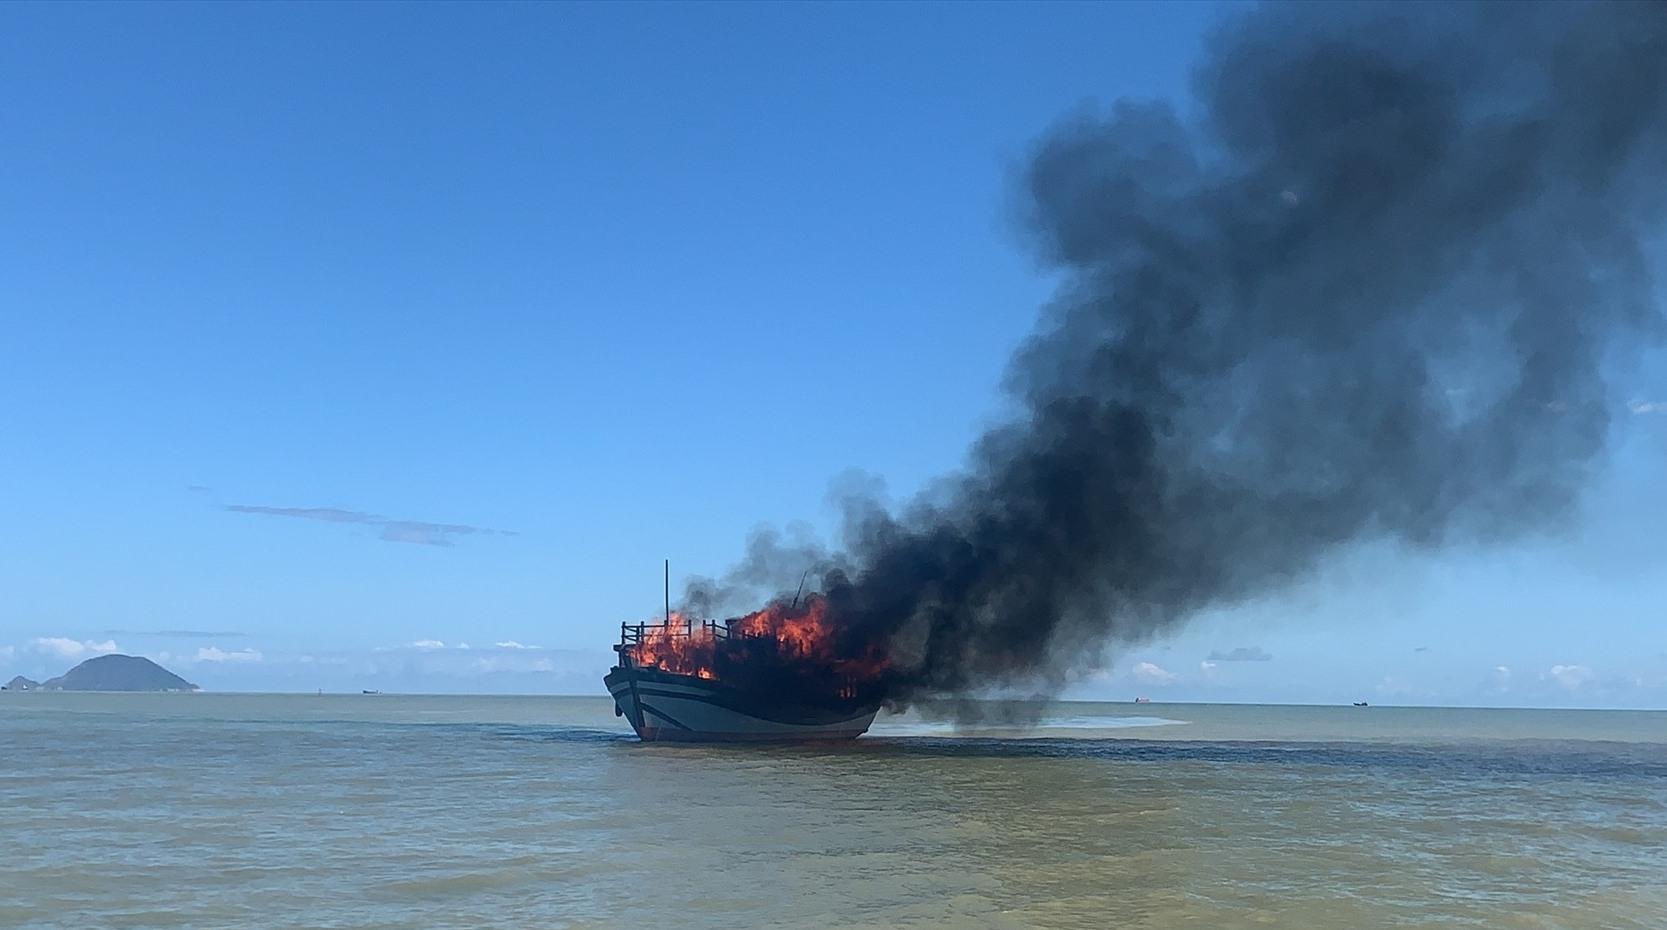 Tàu đò bị cháy.Ảnh : B.P